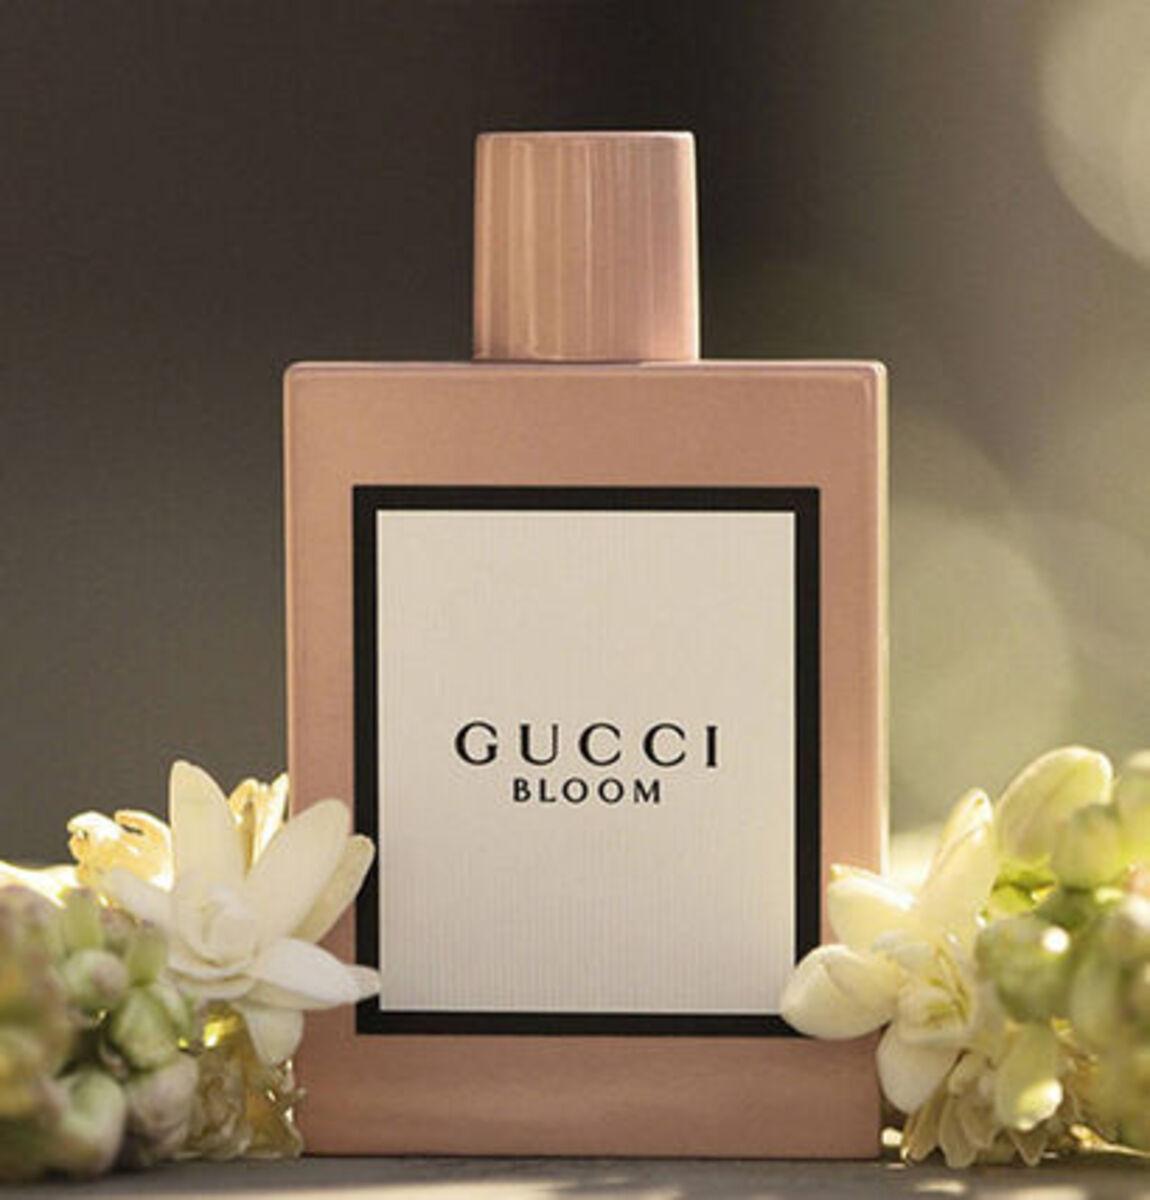 Bild 4 von Gucci Bloom, Eau de Parfum, 30 ml